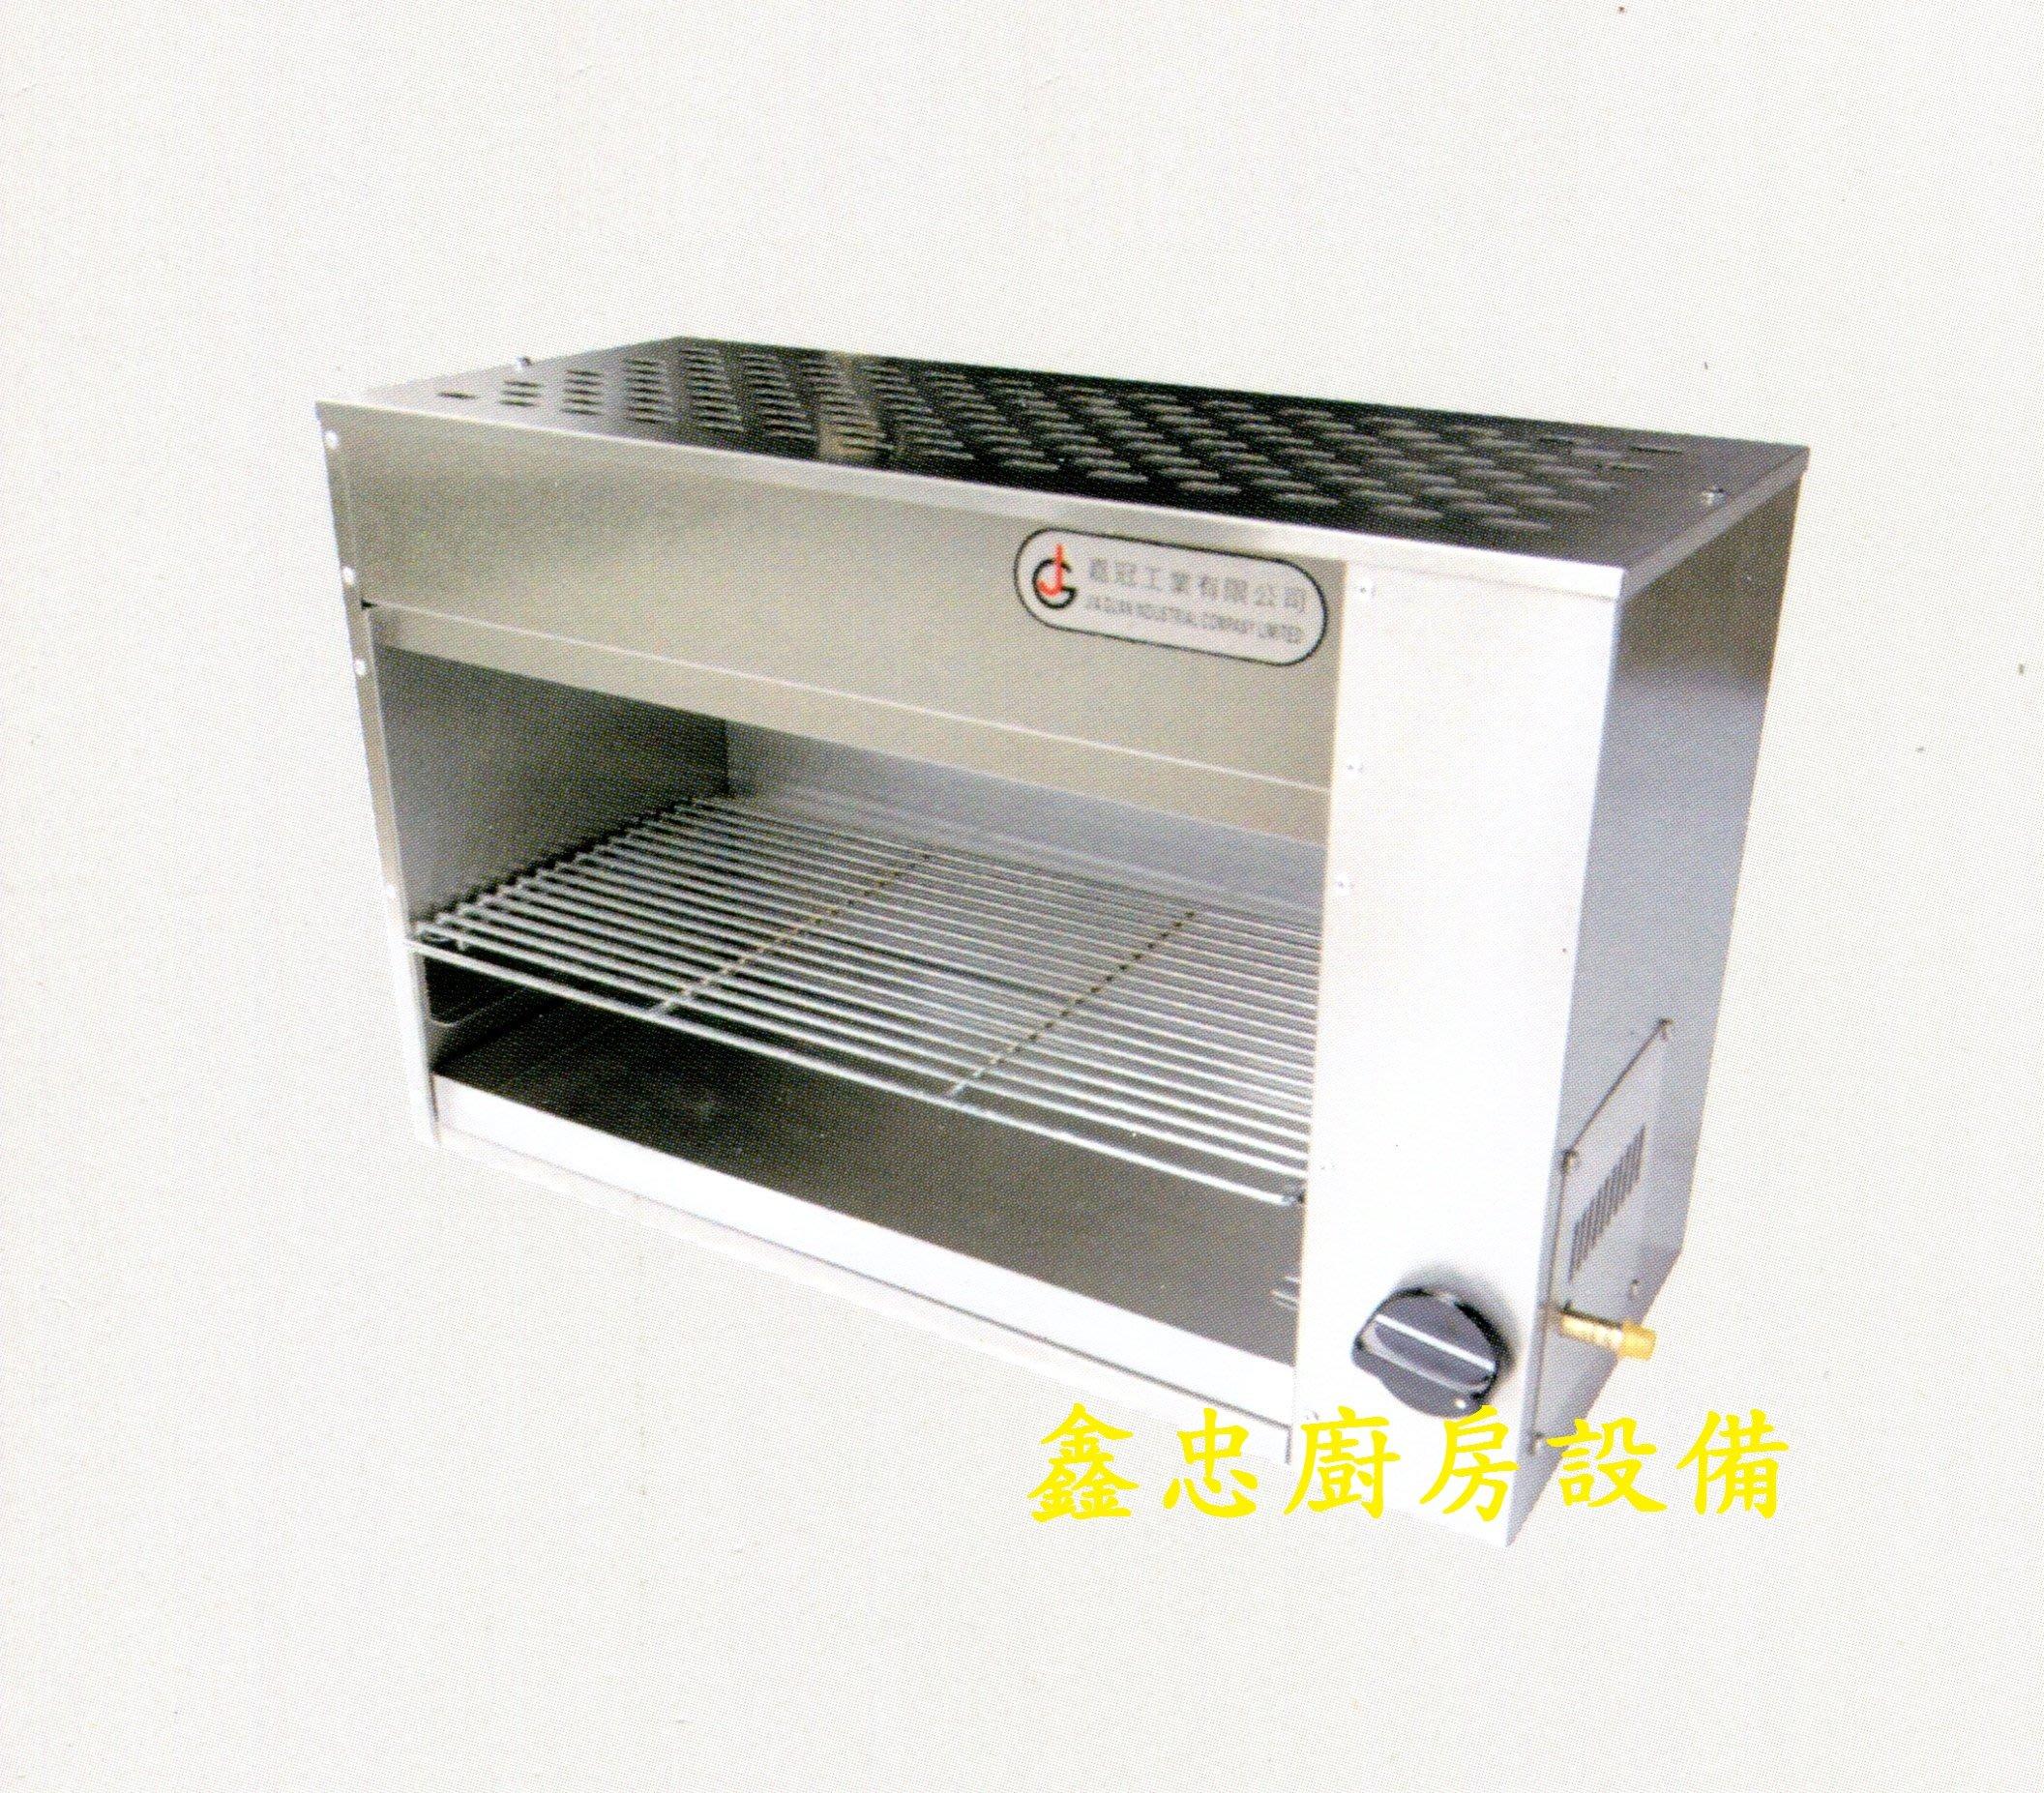 鑫忠廚房設備-餐飲設備:全新上火式一管紅外線明火大烤箱-賣場有快炒爐-西餐爐-冰箱-烤箱-水槽